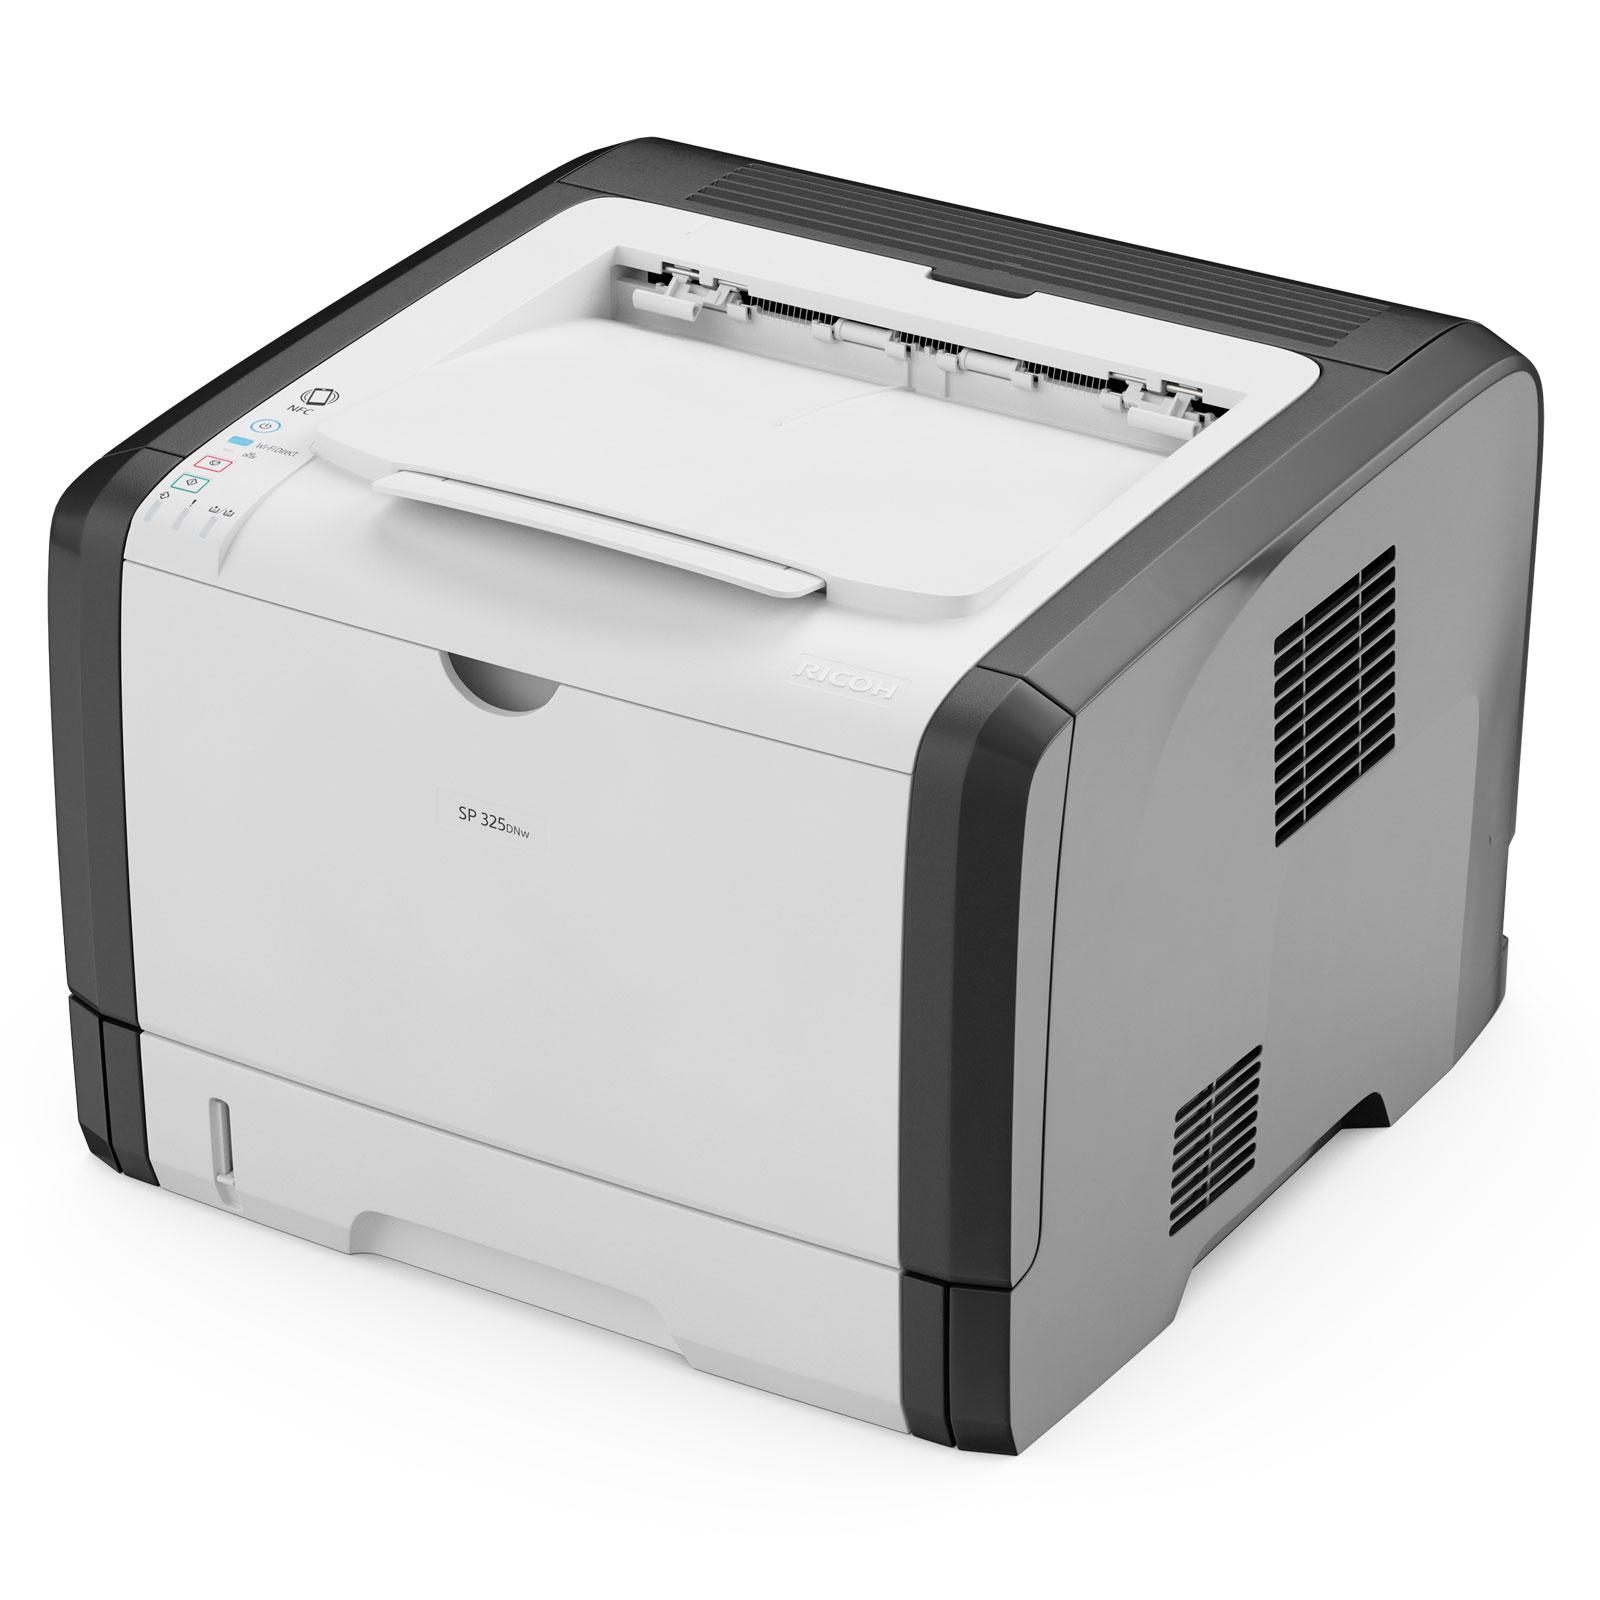 Imprimante Ricoh SP 325DNw (Laser monochrome/Reseau/WiFi/28ppm) - 1